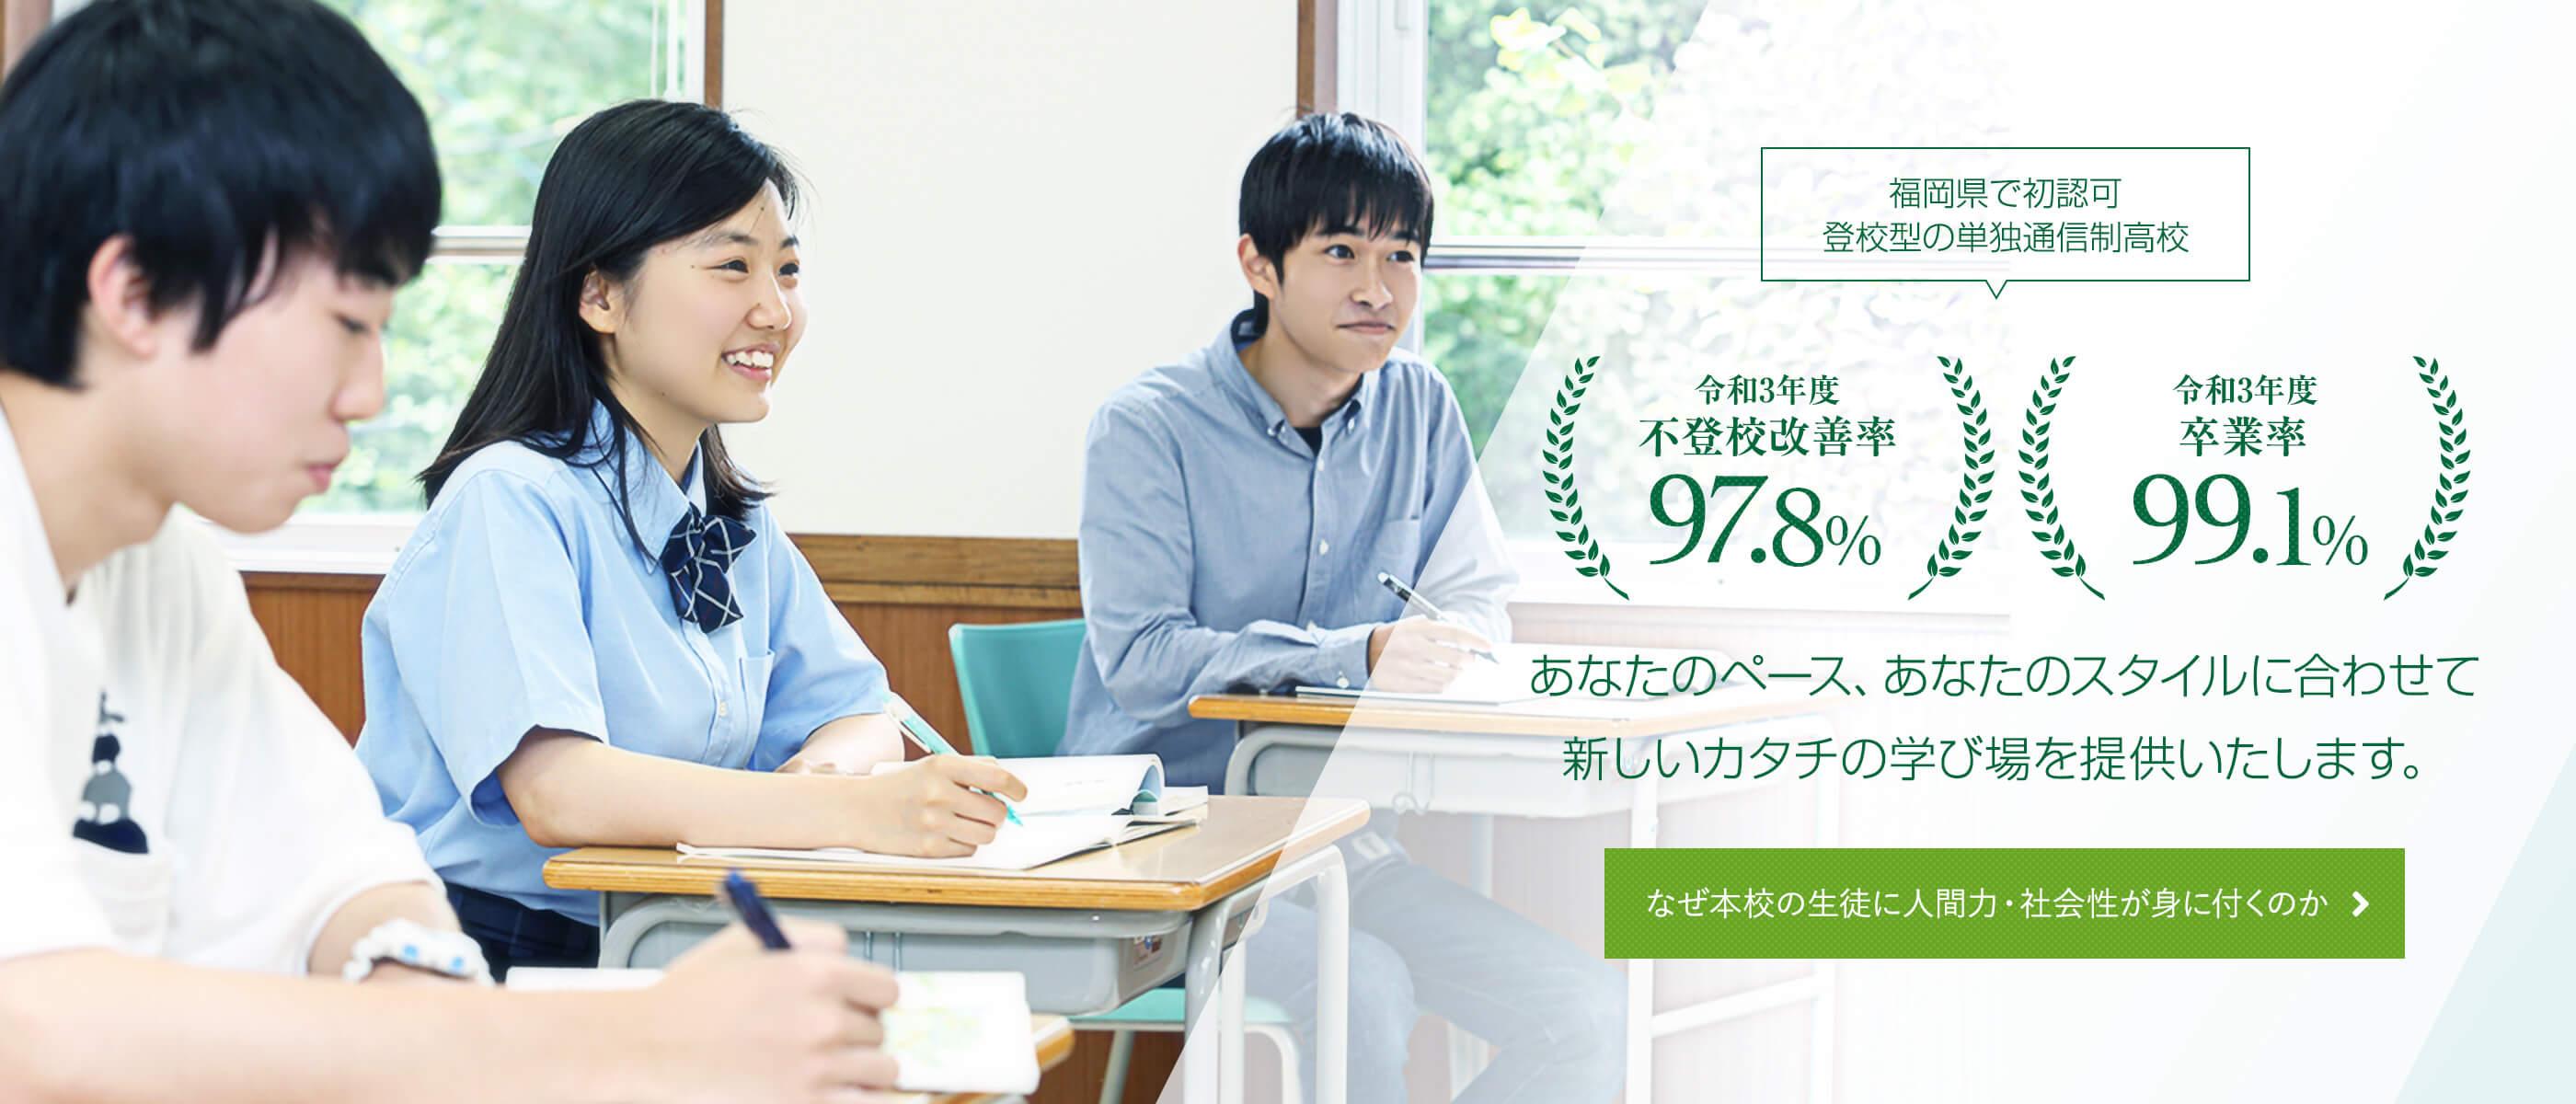 不登校改善率98.6%